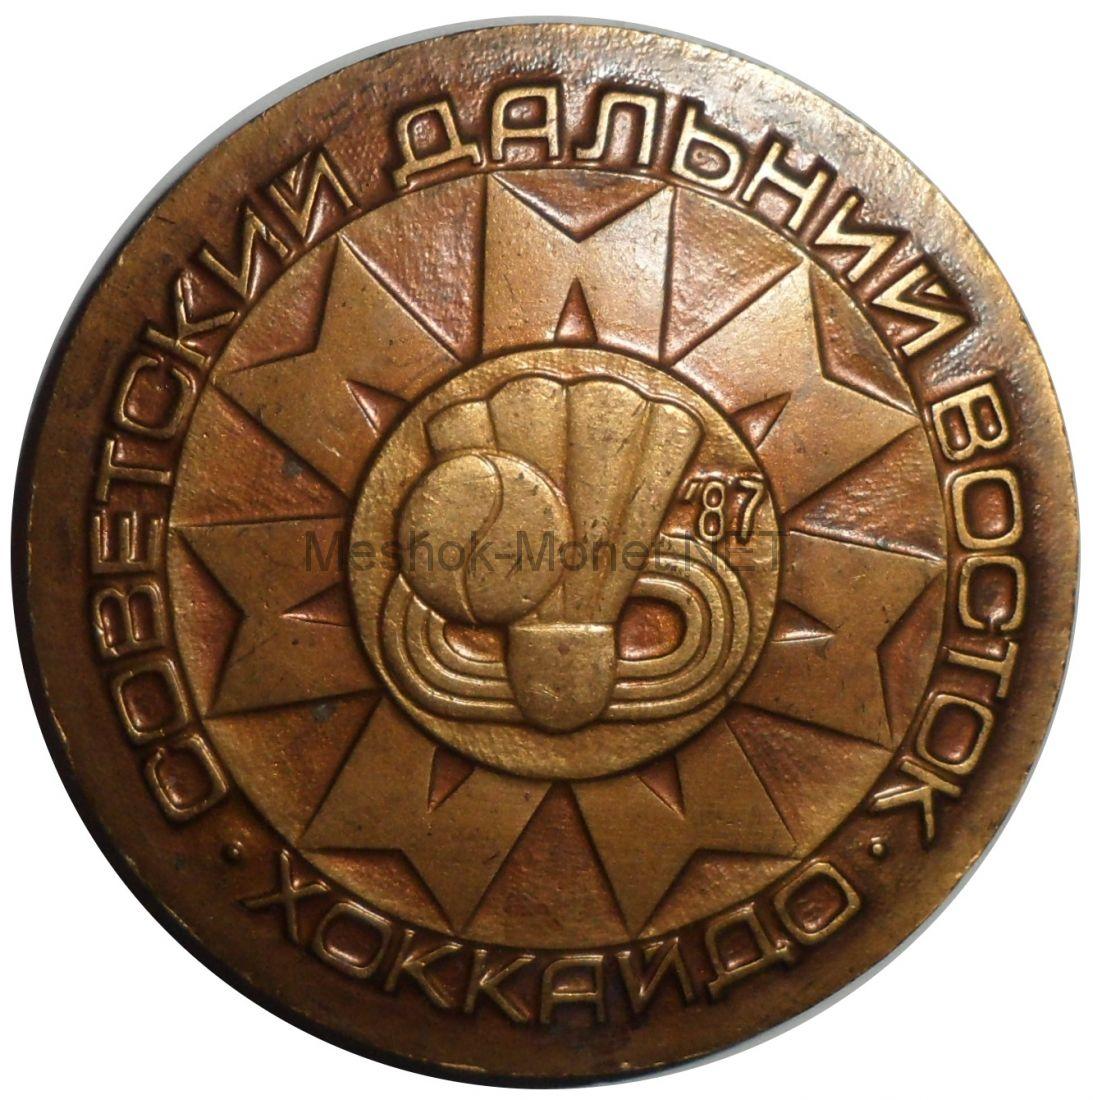 Настольная медаль От спортсменов России Советский Дальний Восток Хоккайдо 1987 год